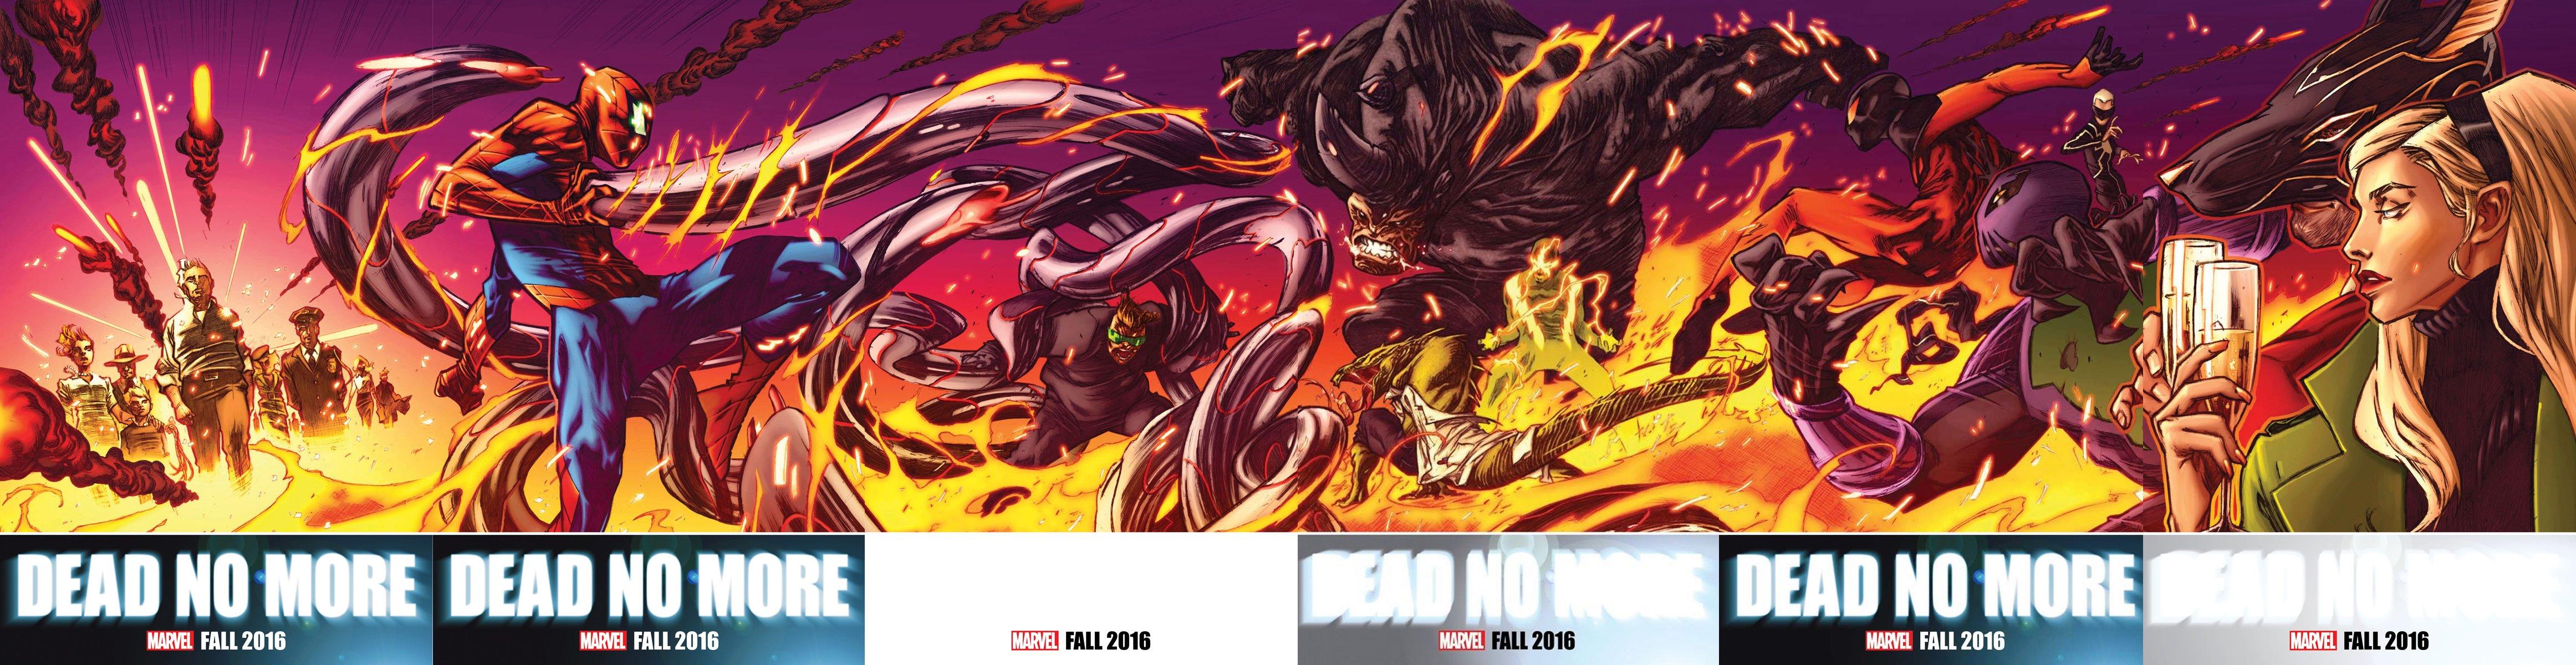 Новости комикс-индустрии от Marvel. - Изображение 2